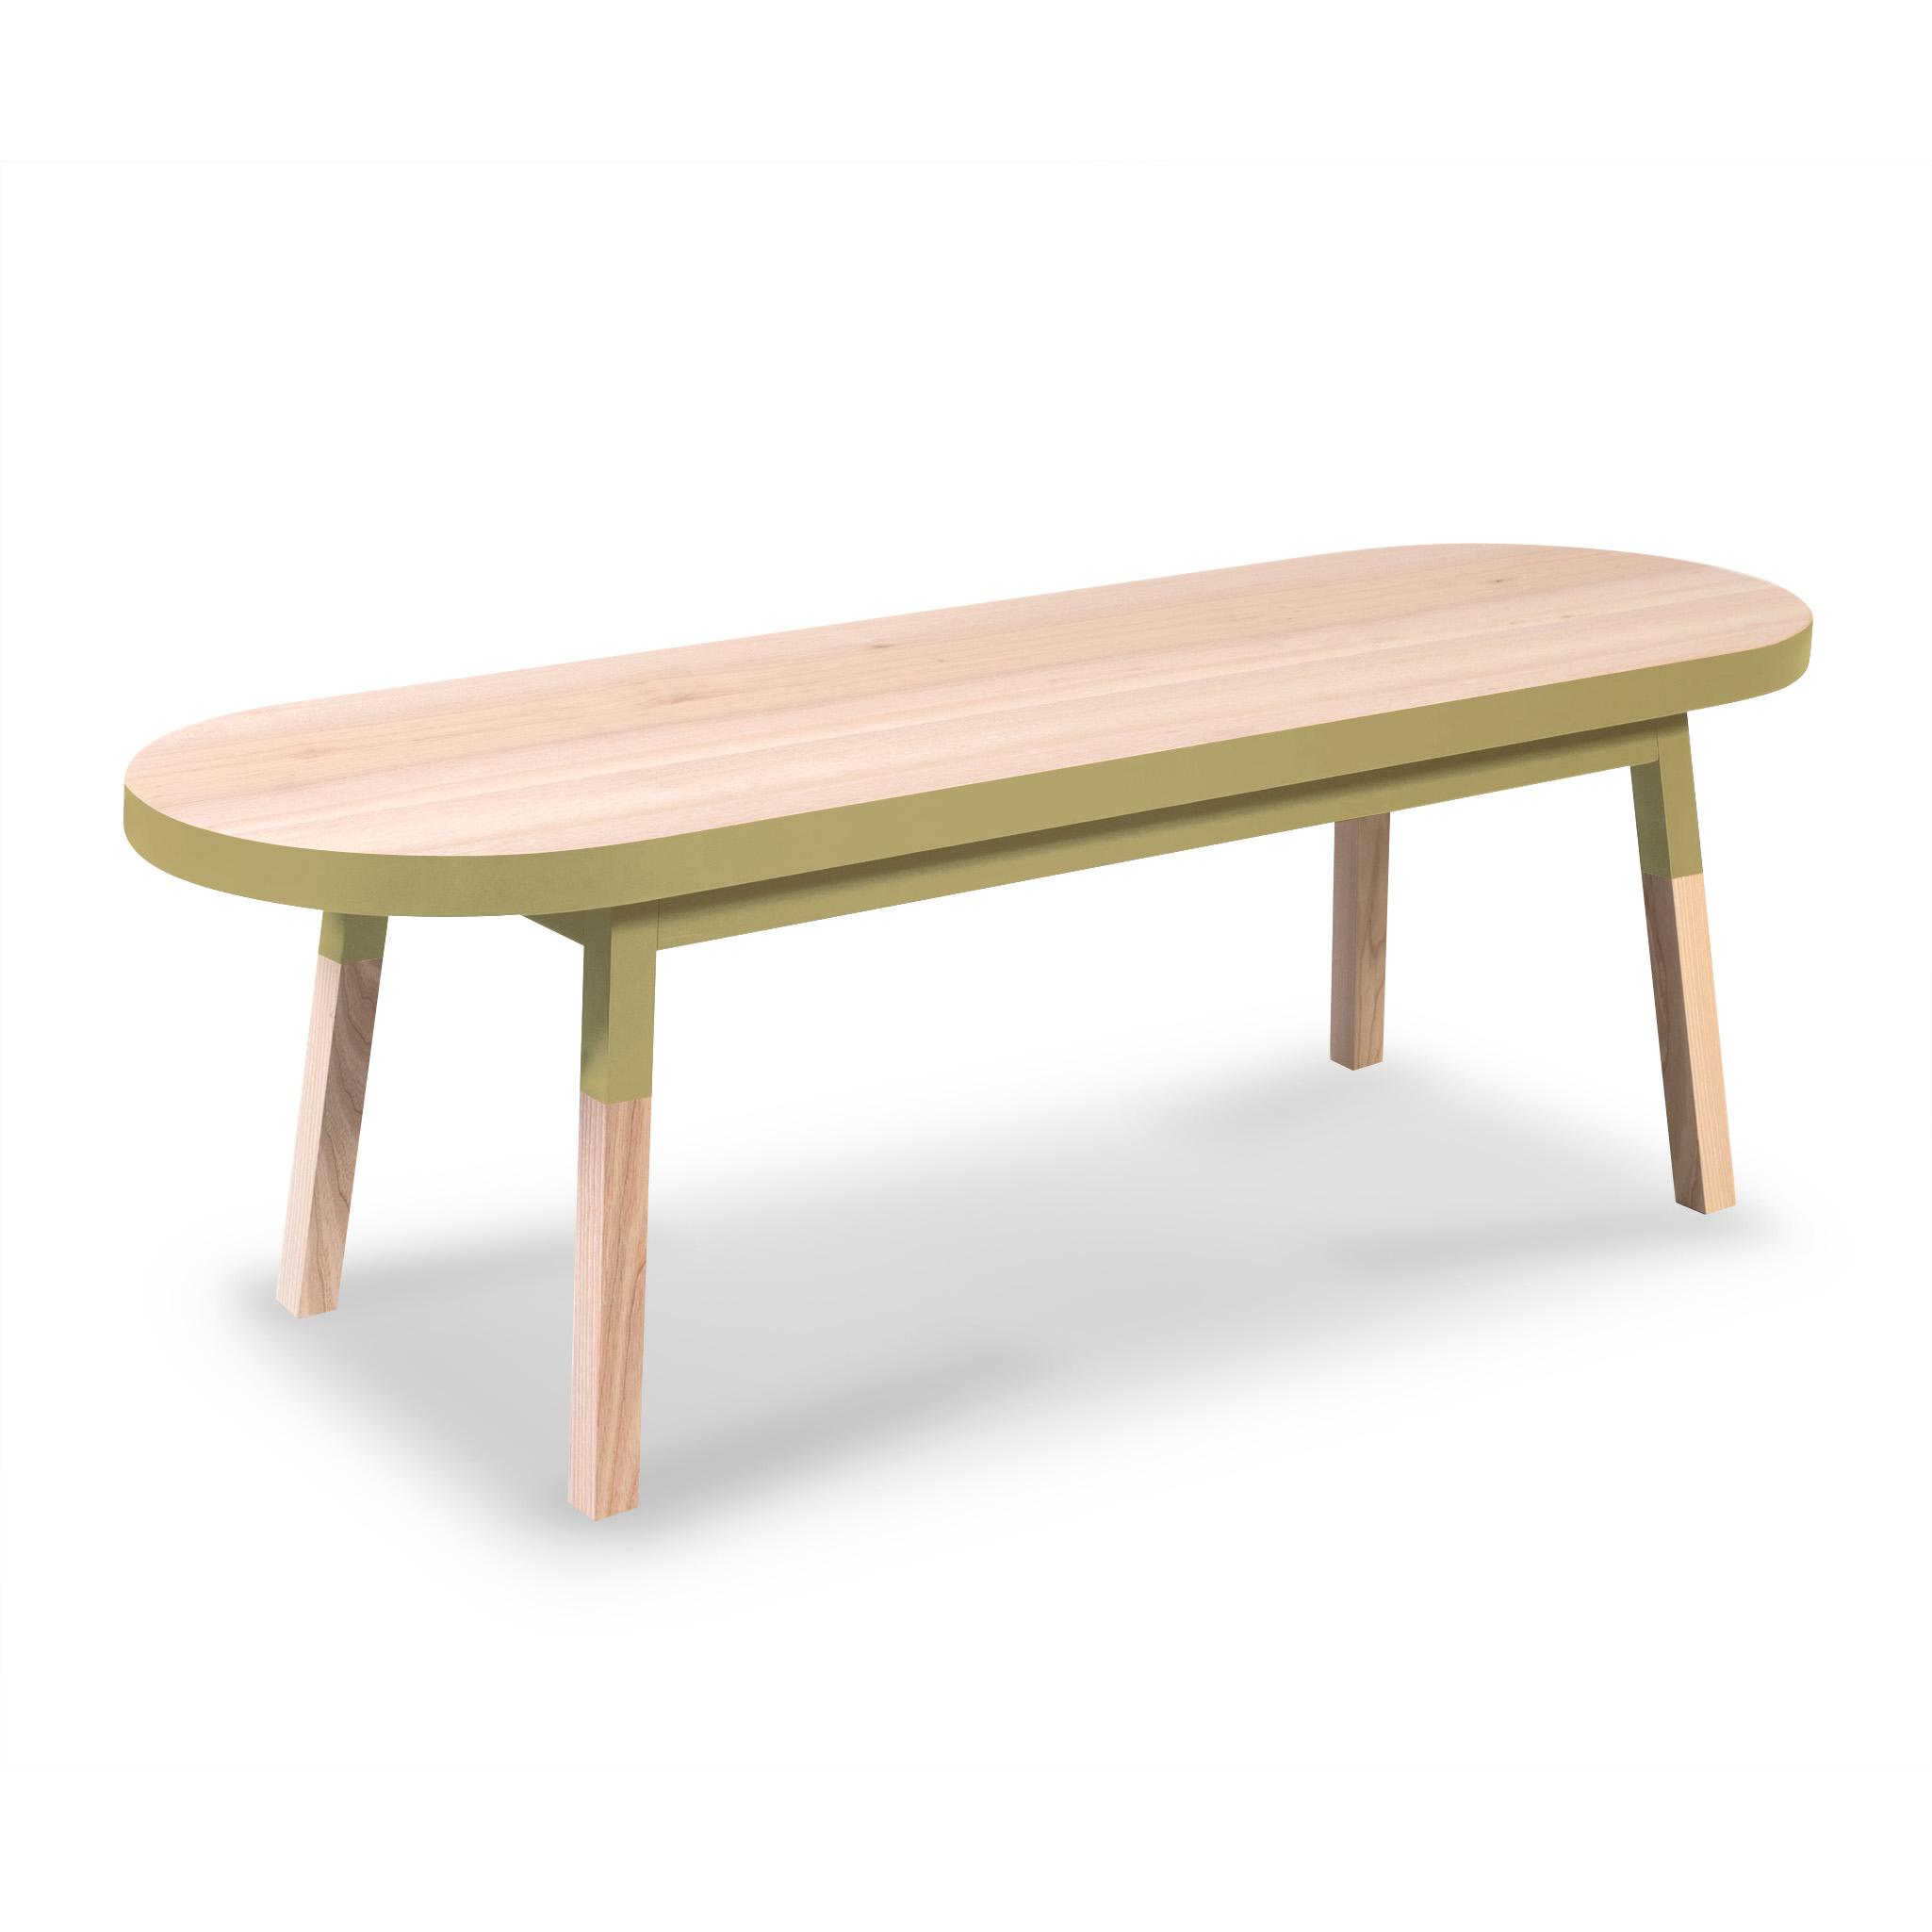 maison du monde Table basse banc - 140 cm  - jaune lunaire